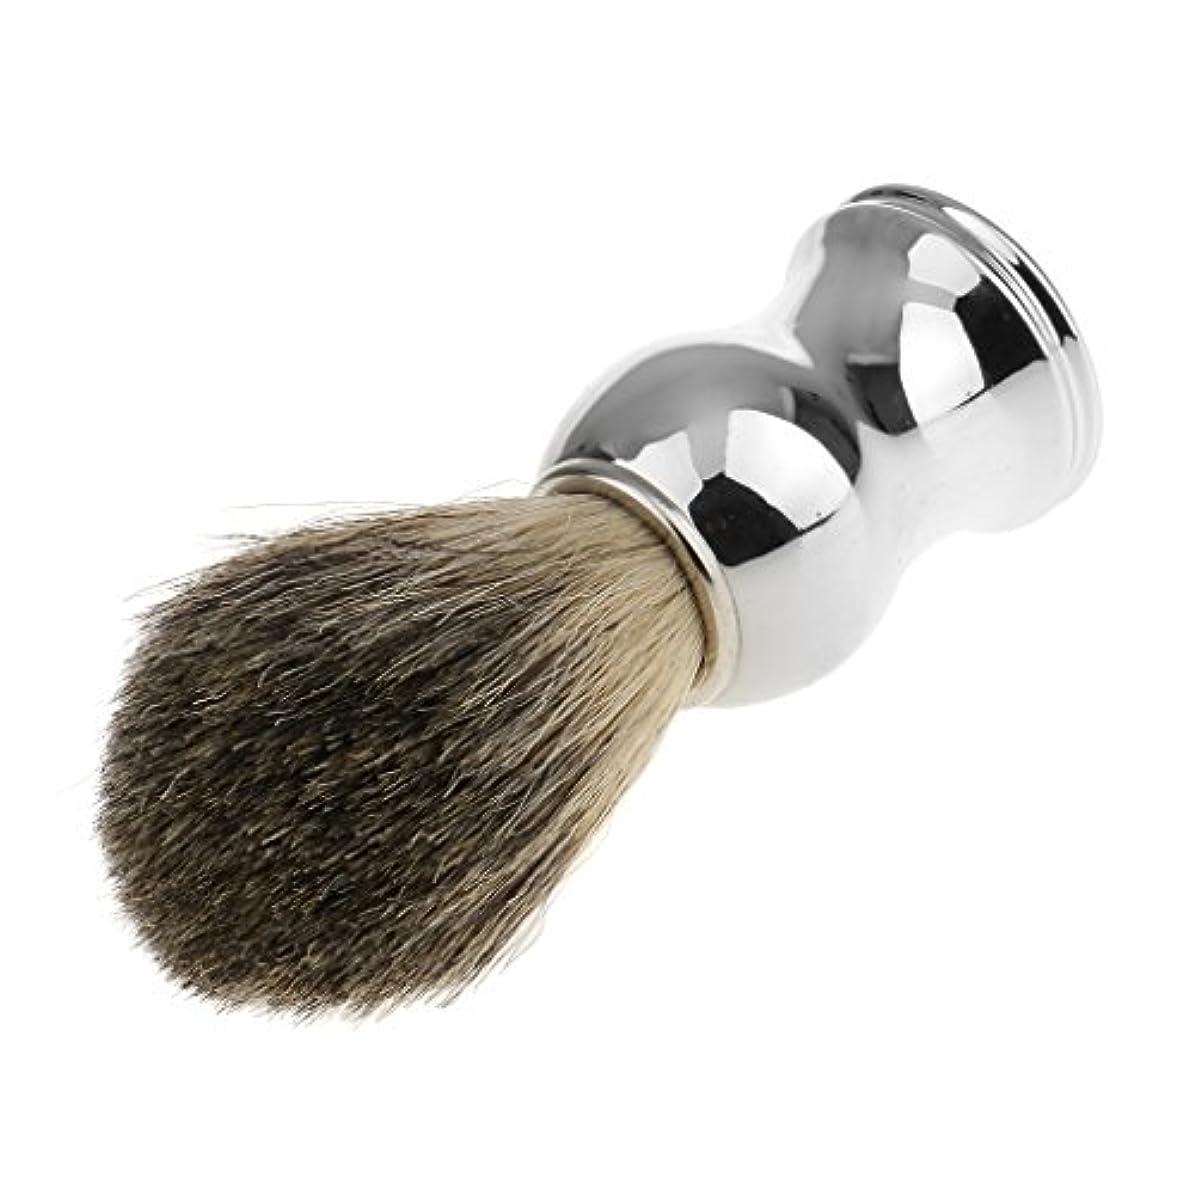 達成歯ソースPerfk 人工毛 シェービングブラシ 柔らかい 理容  洗顔  髭剃り 便携 乾くやすい 11.2cm 全2色 - シルバーハンドル